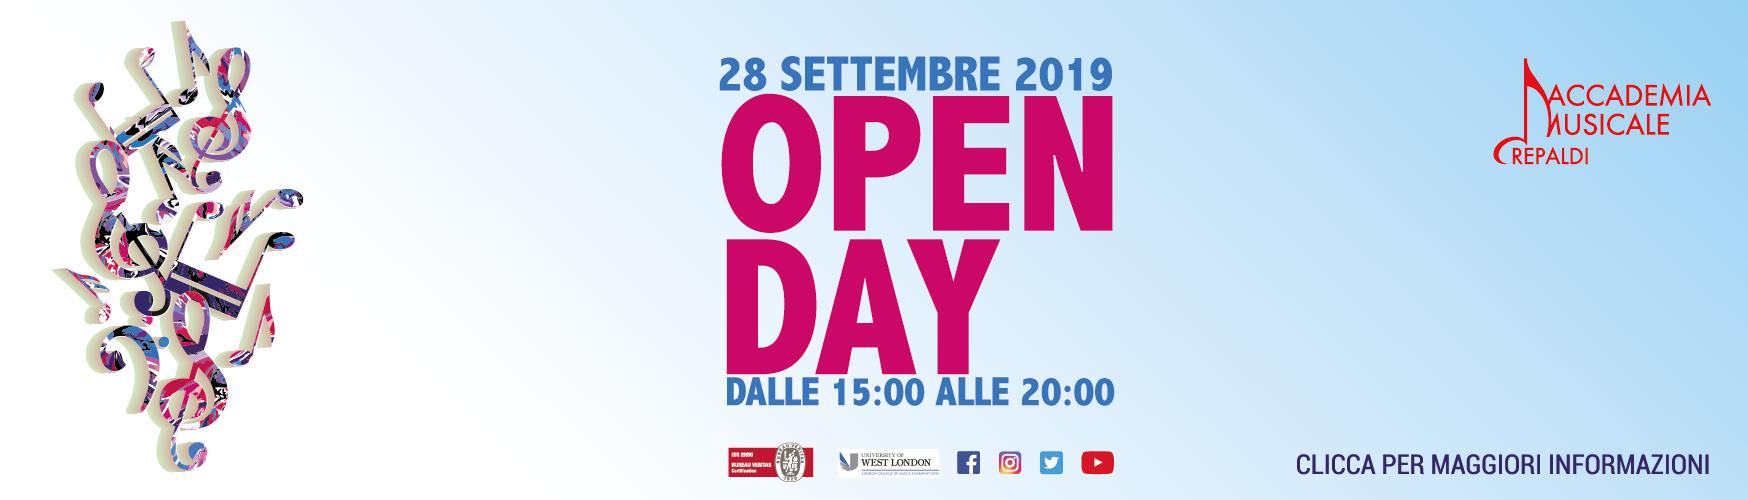 Accademia Musicale Crepaldi - OPEN DAY 3 2019/2020